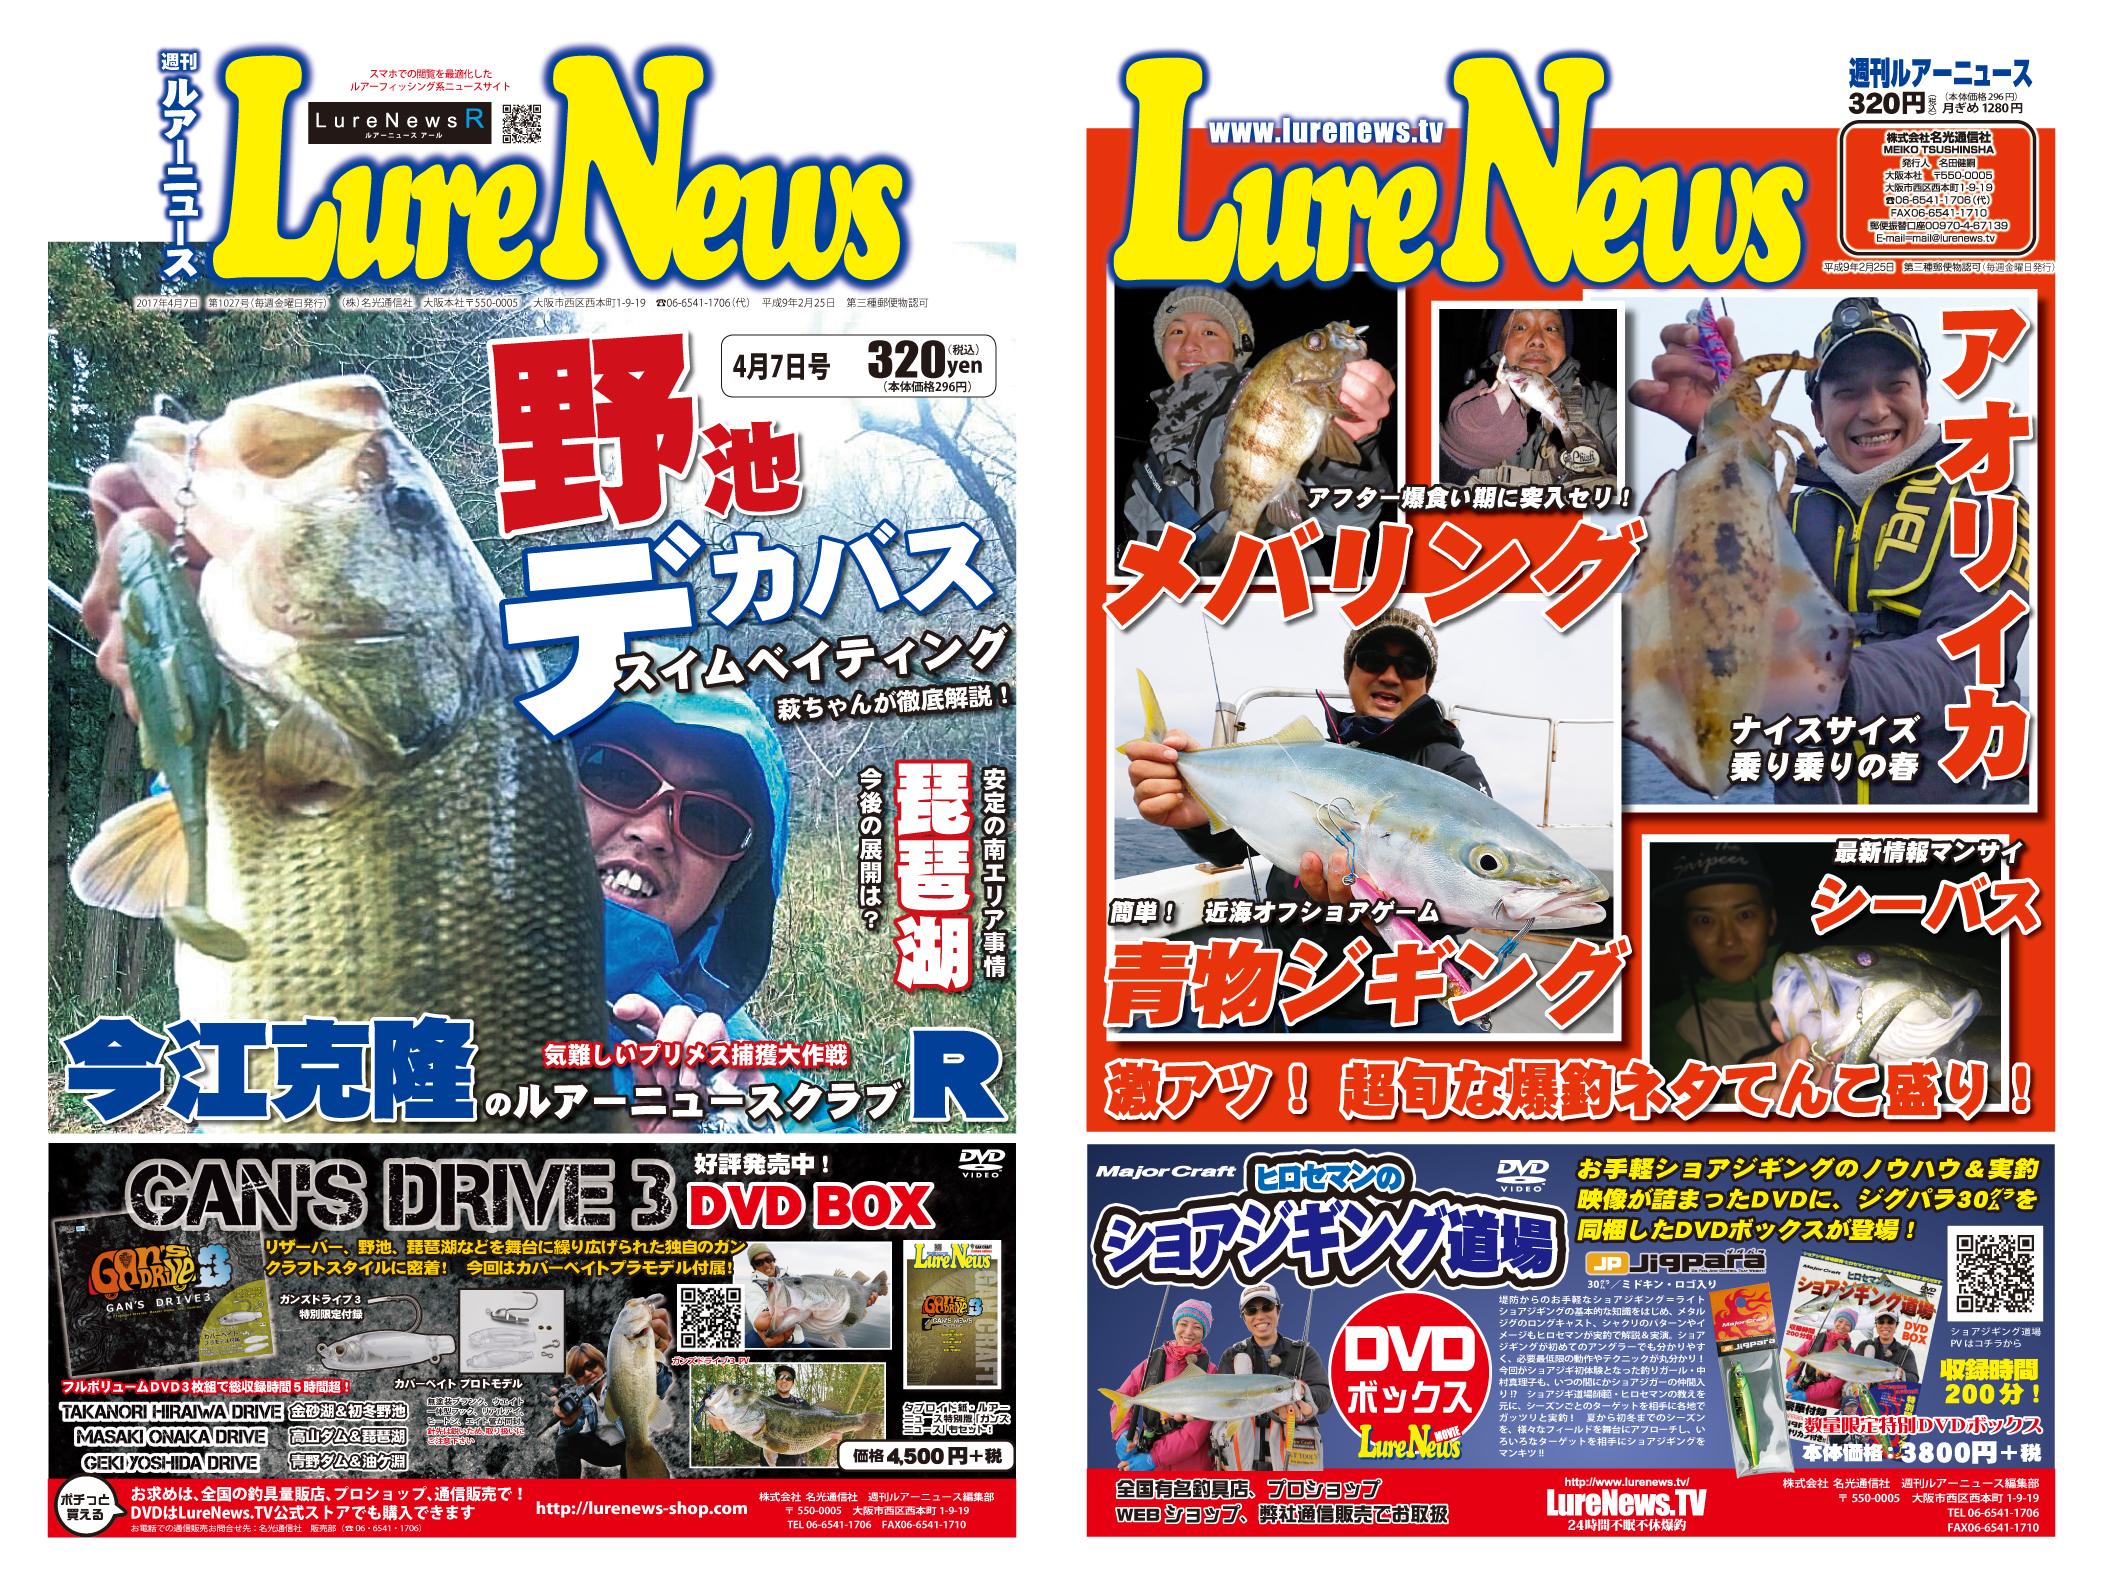 http://lurenews.tv/LureNews1027hyoushi.jpg